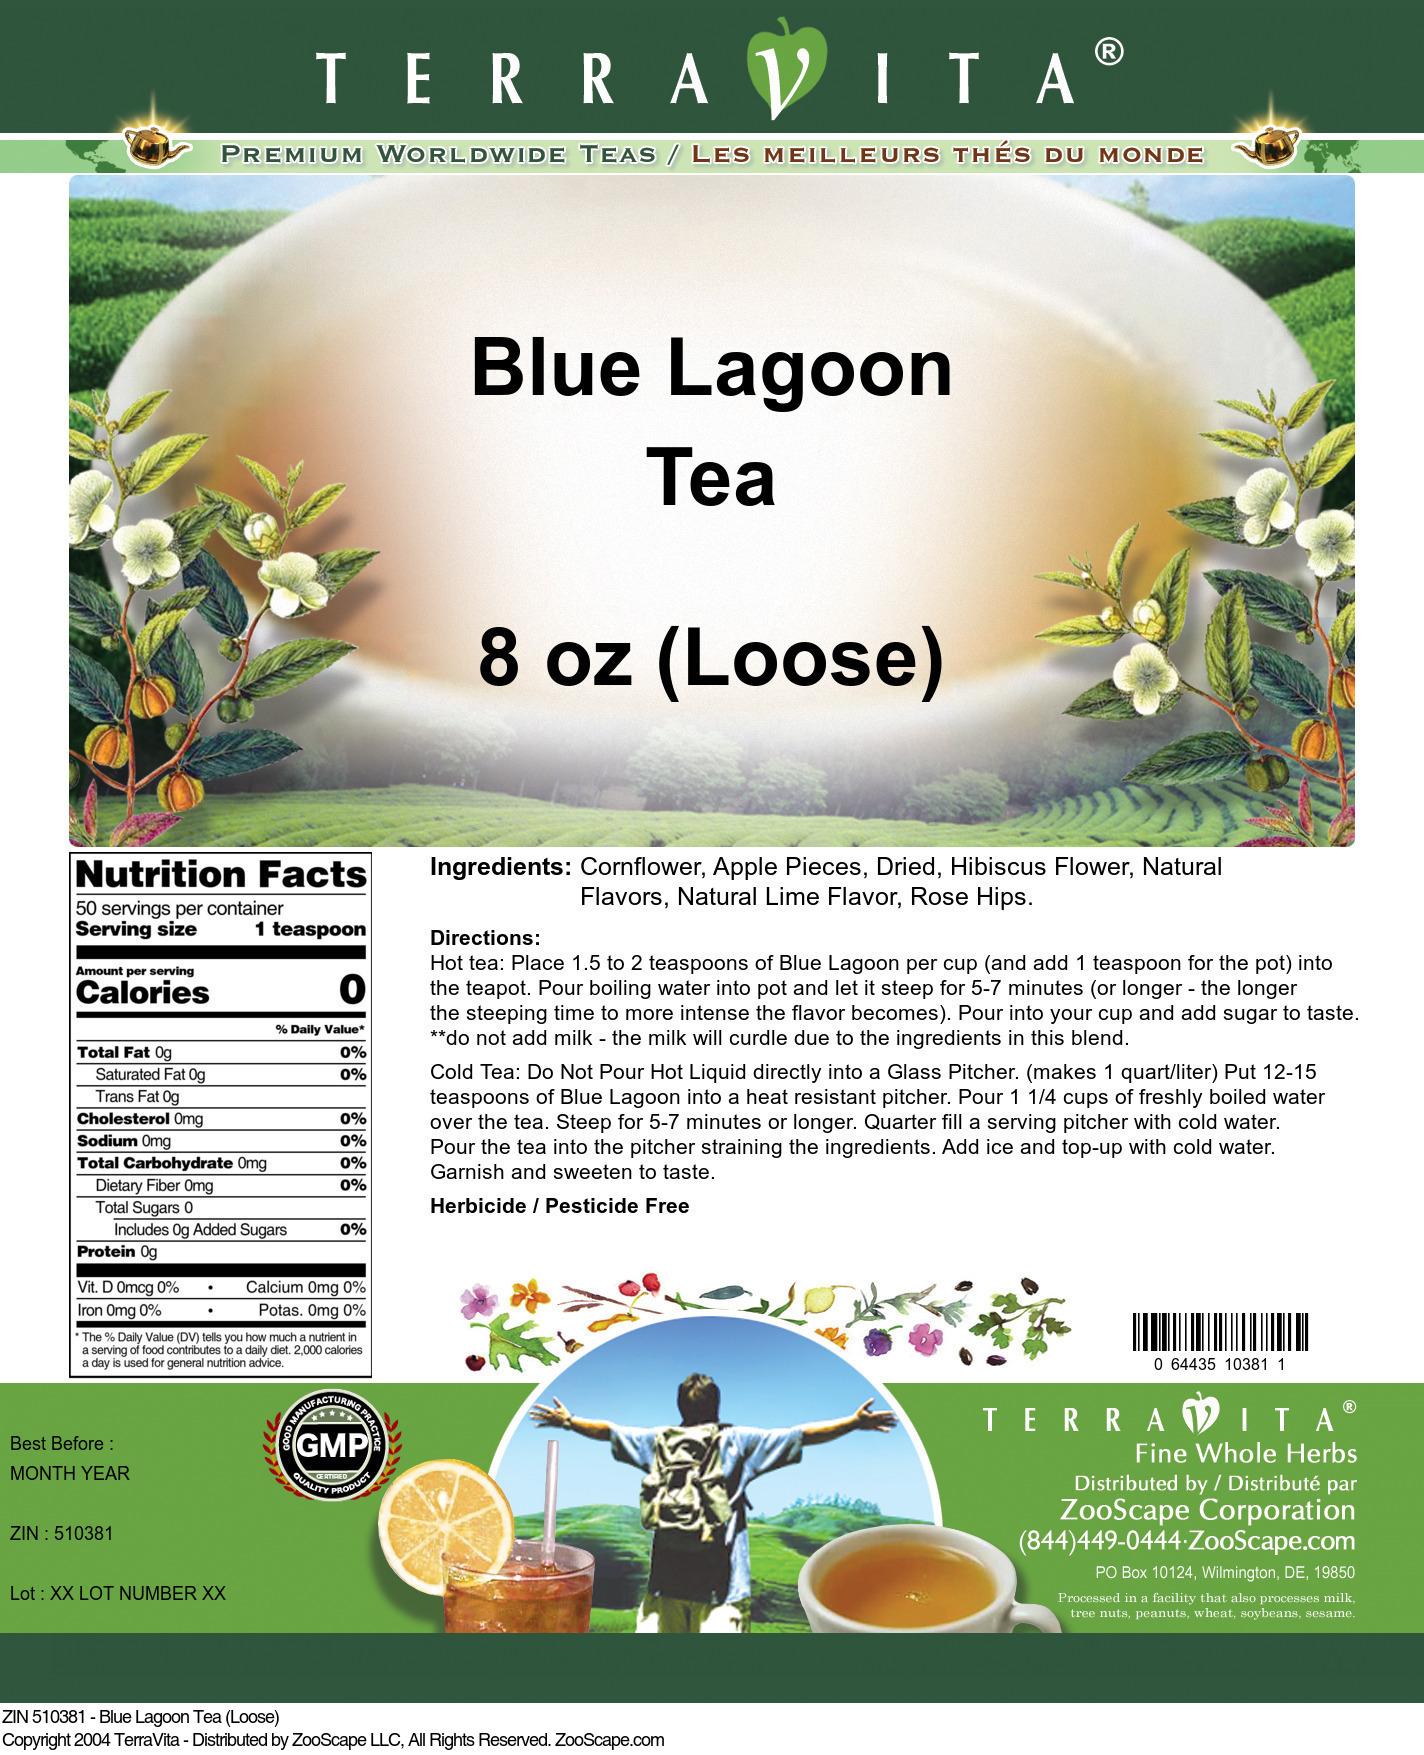 Blue Lagoon Tea (Loose)